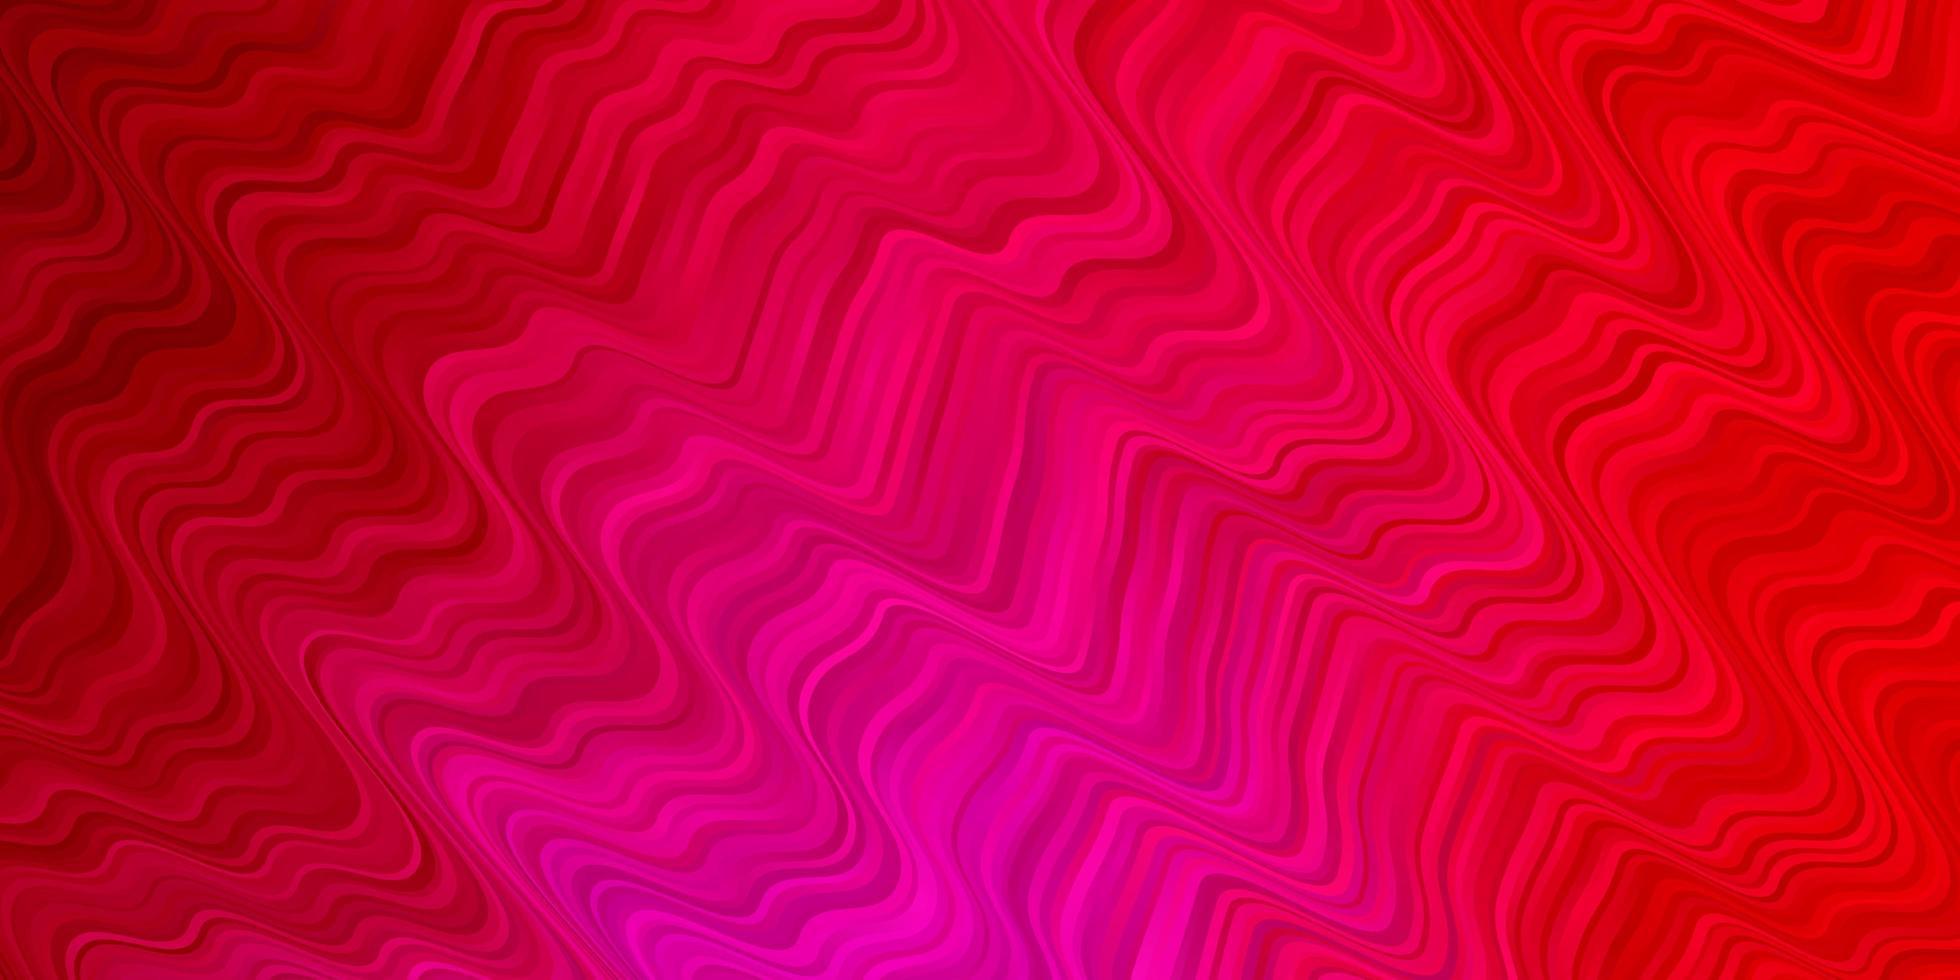 modèle rouge avec des lignes courbes. vecteur